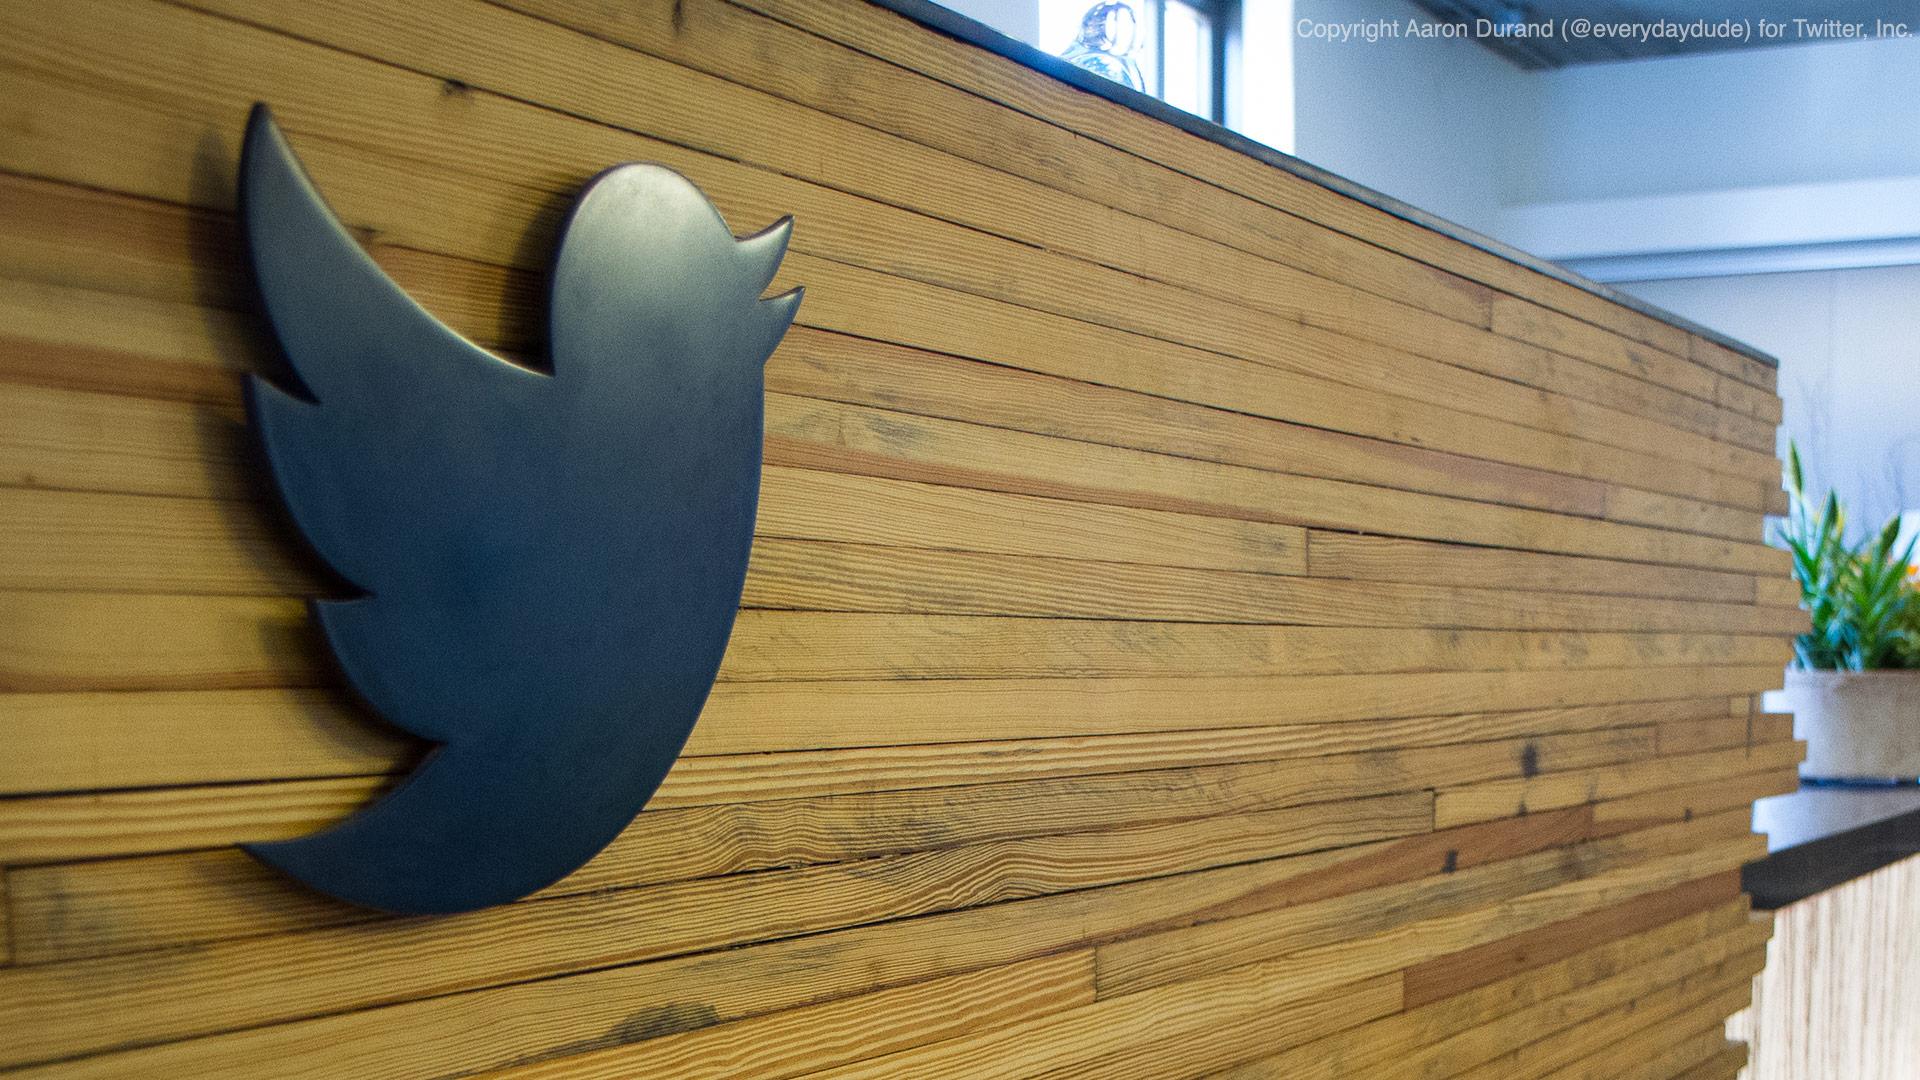 Акции Twitter выросли на 4% благодаря рекордному ежегодному росту пользователей